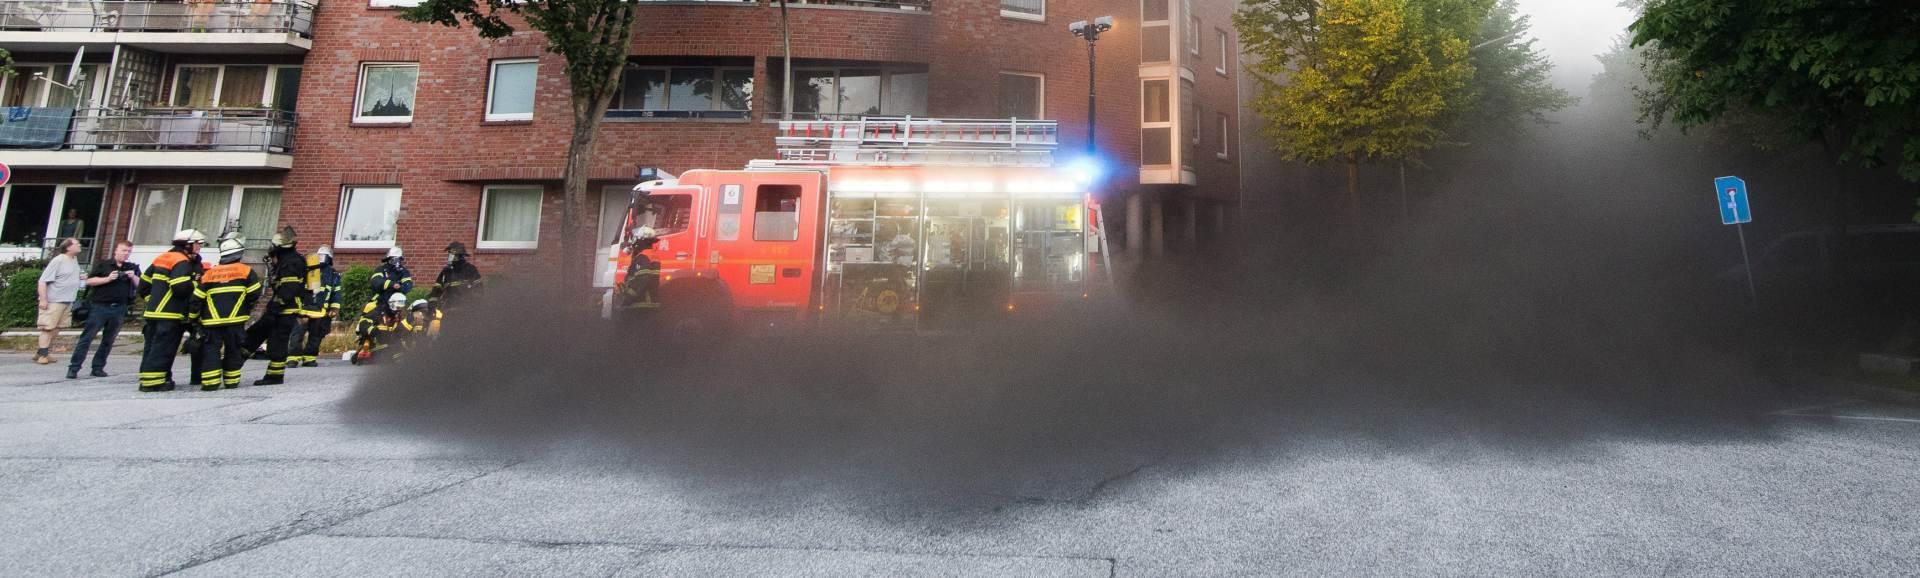 STRADALI VATROGASCI: Eksplozija u bunkeru u Hamburgu, najmanje 27 ozlijeđenih